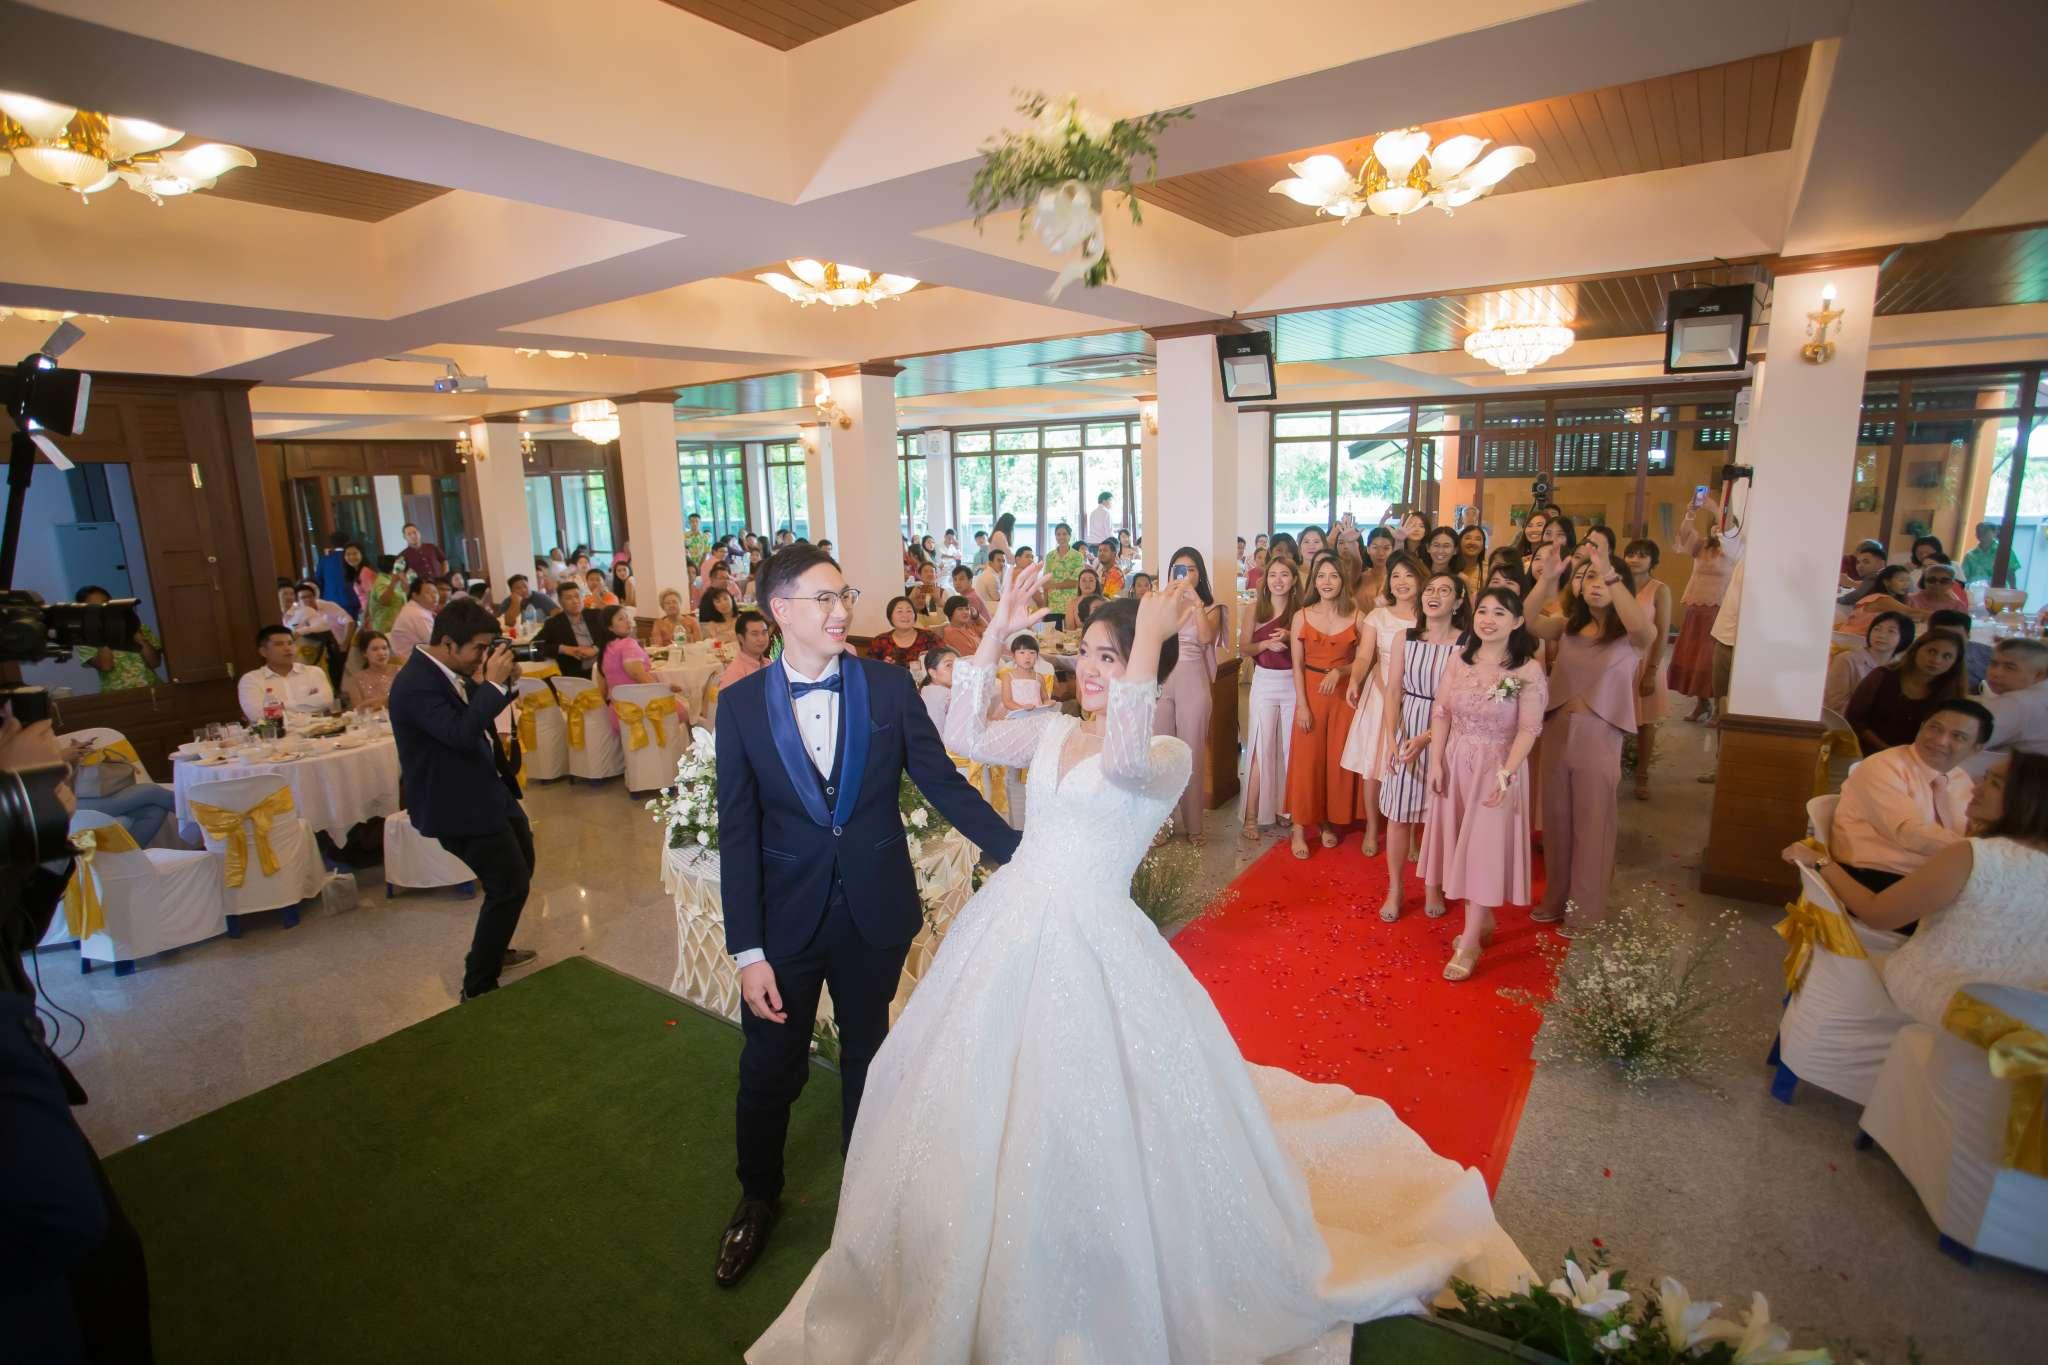 เรือนไทยสำหรับจัดงานแต่งงาน ปทุมธานี